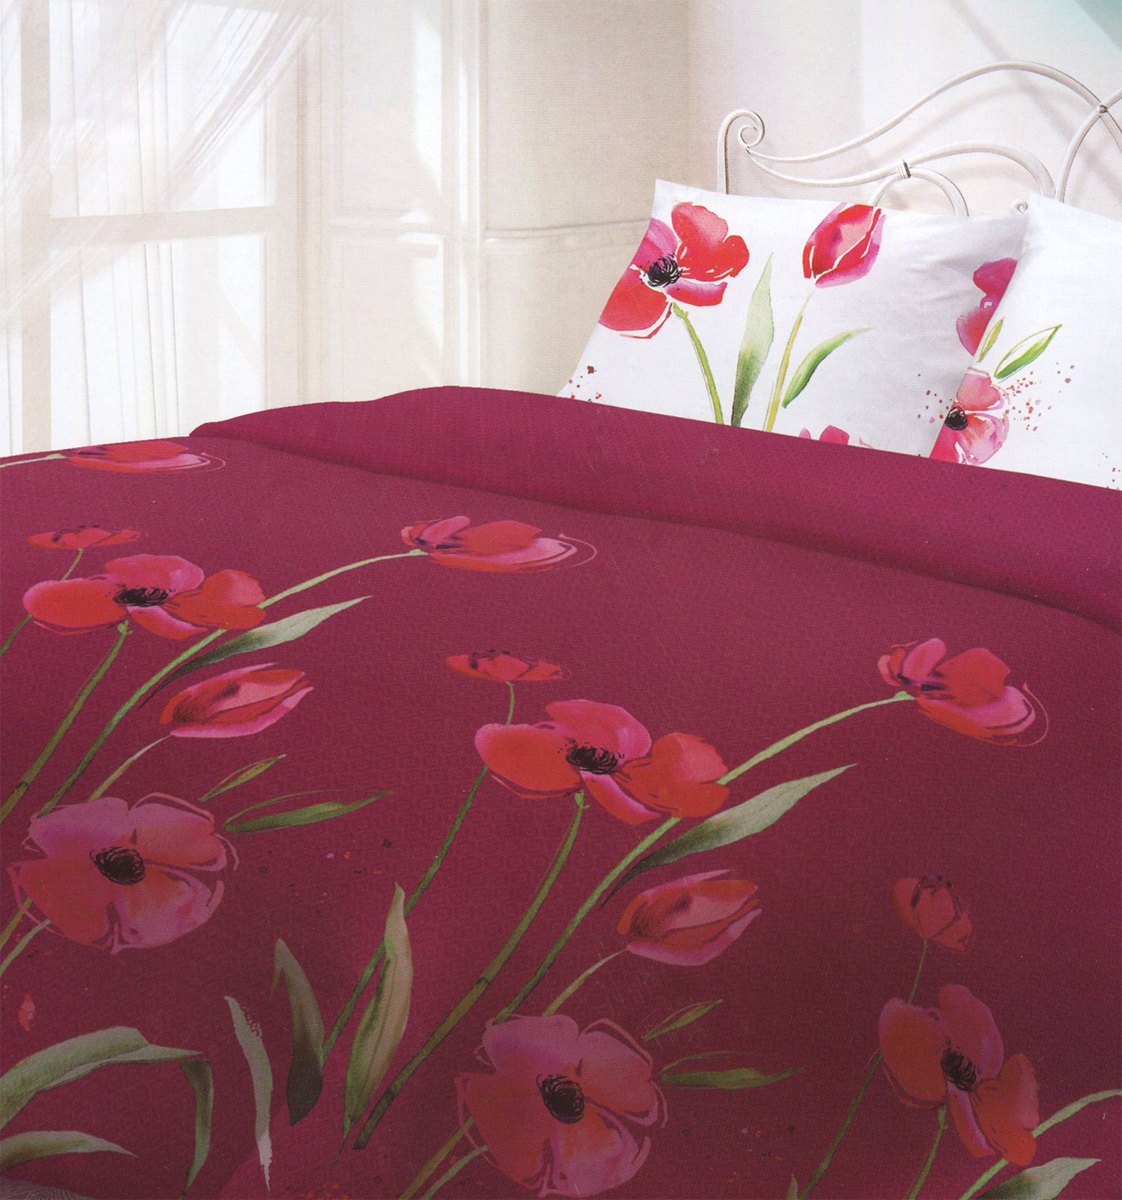 Комплект белья Гармония Маки, евро, наволочки 70x70, цвет: бордовый, белый, розовый190826Комплект постельного белья Гармония Маки является экологически безопасным, так как выполнен из поплина (100% хлопок). Комплект состоит из пододеяльника, простыни и двух наволочек. Постельное белье оформлено оригинальным рисунком и имеет изысканный внешний вид.Постельное белье Гармония - лучший выбор для современной хозяйки! Его отличают демократичная цена и отличное качество.Гармония производится из поплина - 100% хлопковой ткани. Поплин мягкий и приятный на ощупь. Кроме того, эта ткань не требует особого ухода, легко стирается и прекрасно держит форму. Высококачественные красители, которые используются при производстве постельного белья, экологичны и сохраняют свой цвет даже после многочисленных стирок.Благодаря высокому качеству ткани и европейским стандартам пошива постельное белье Гармония будет радовать вас долгие годы!